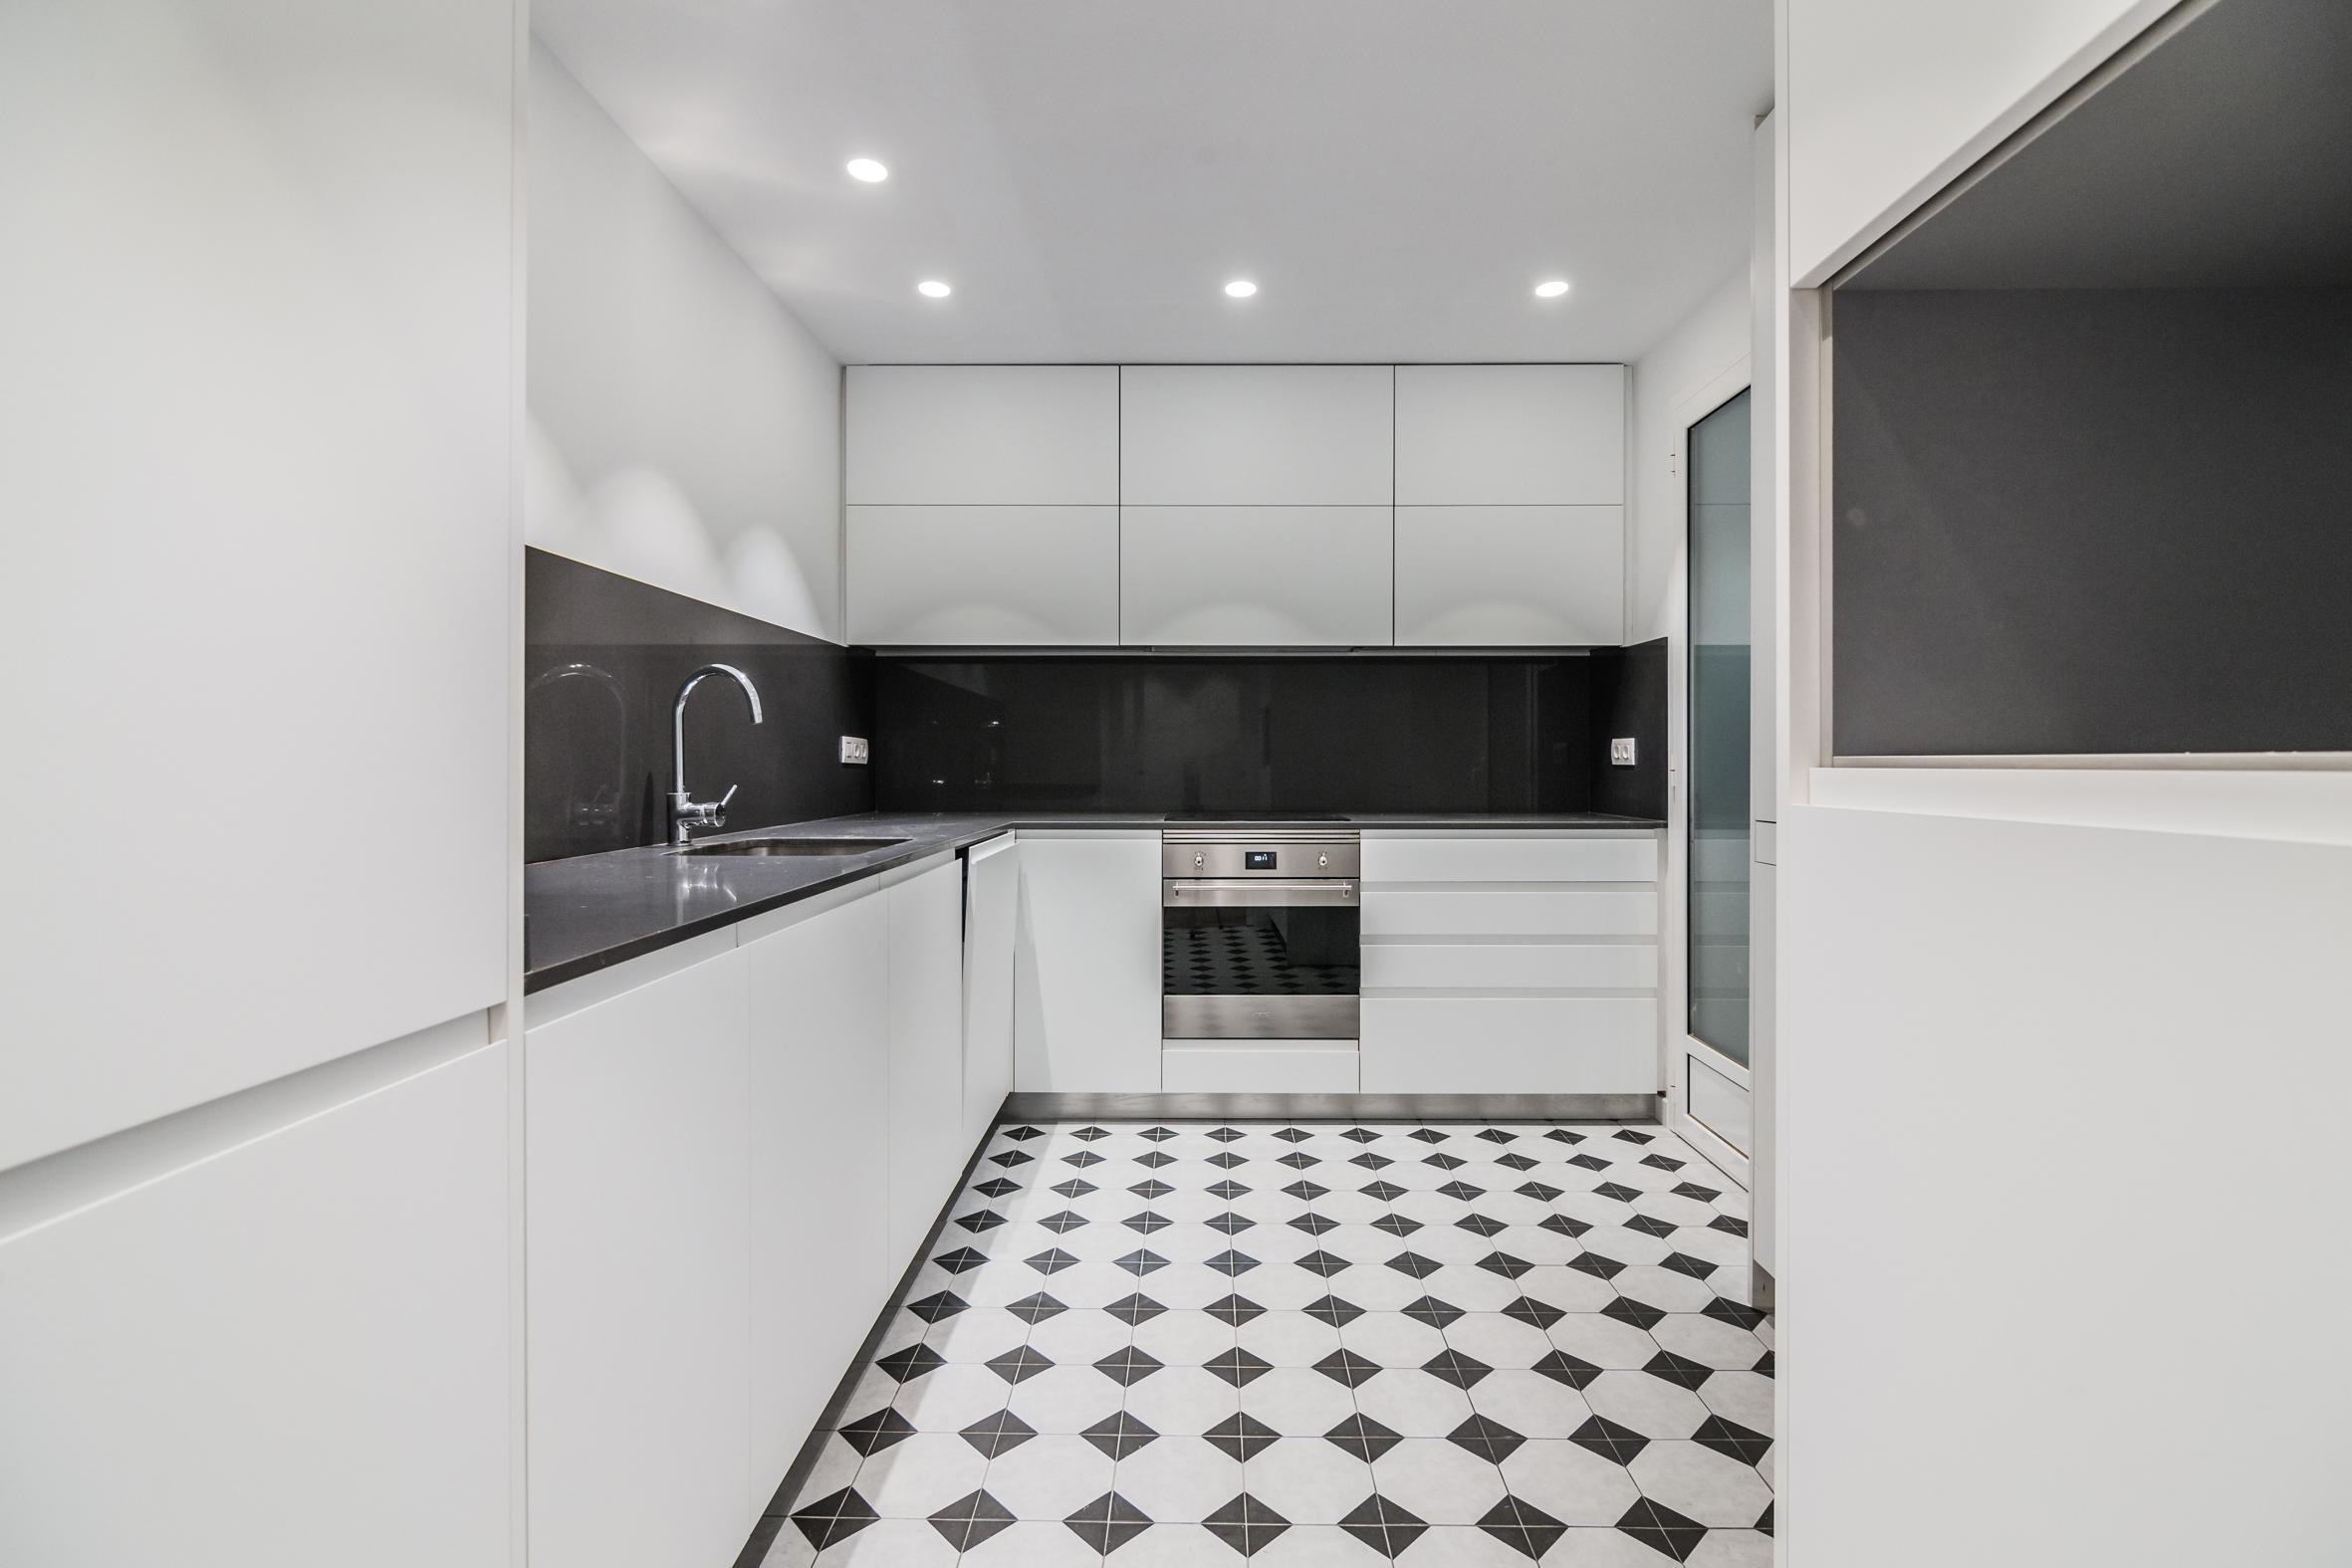 202959 Apartamento en venda en Sarrià-Sant Gervasi, St. Gervasi-Bonanova 3